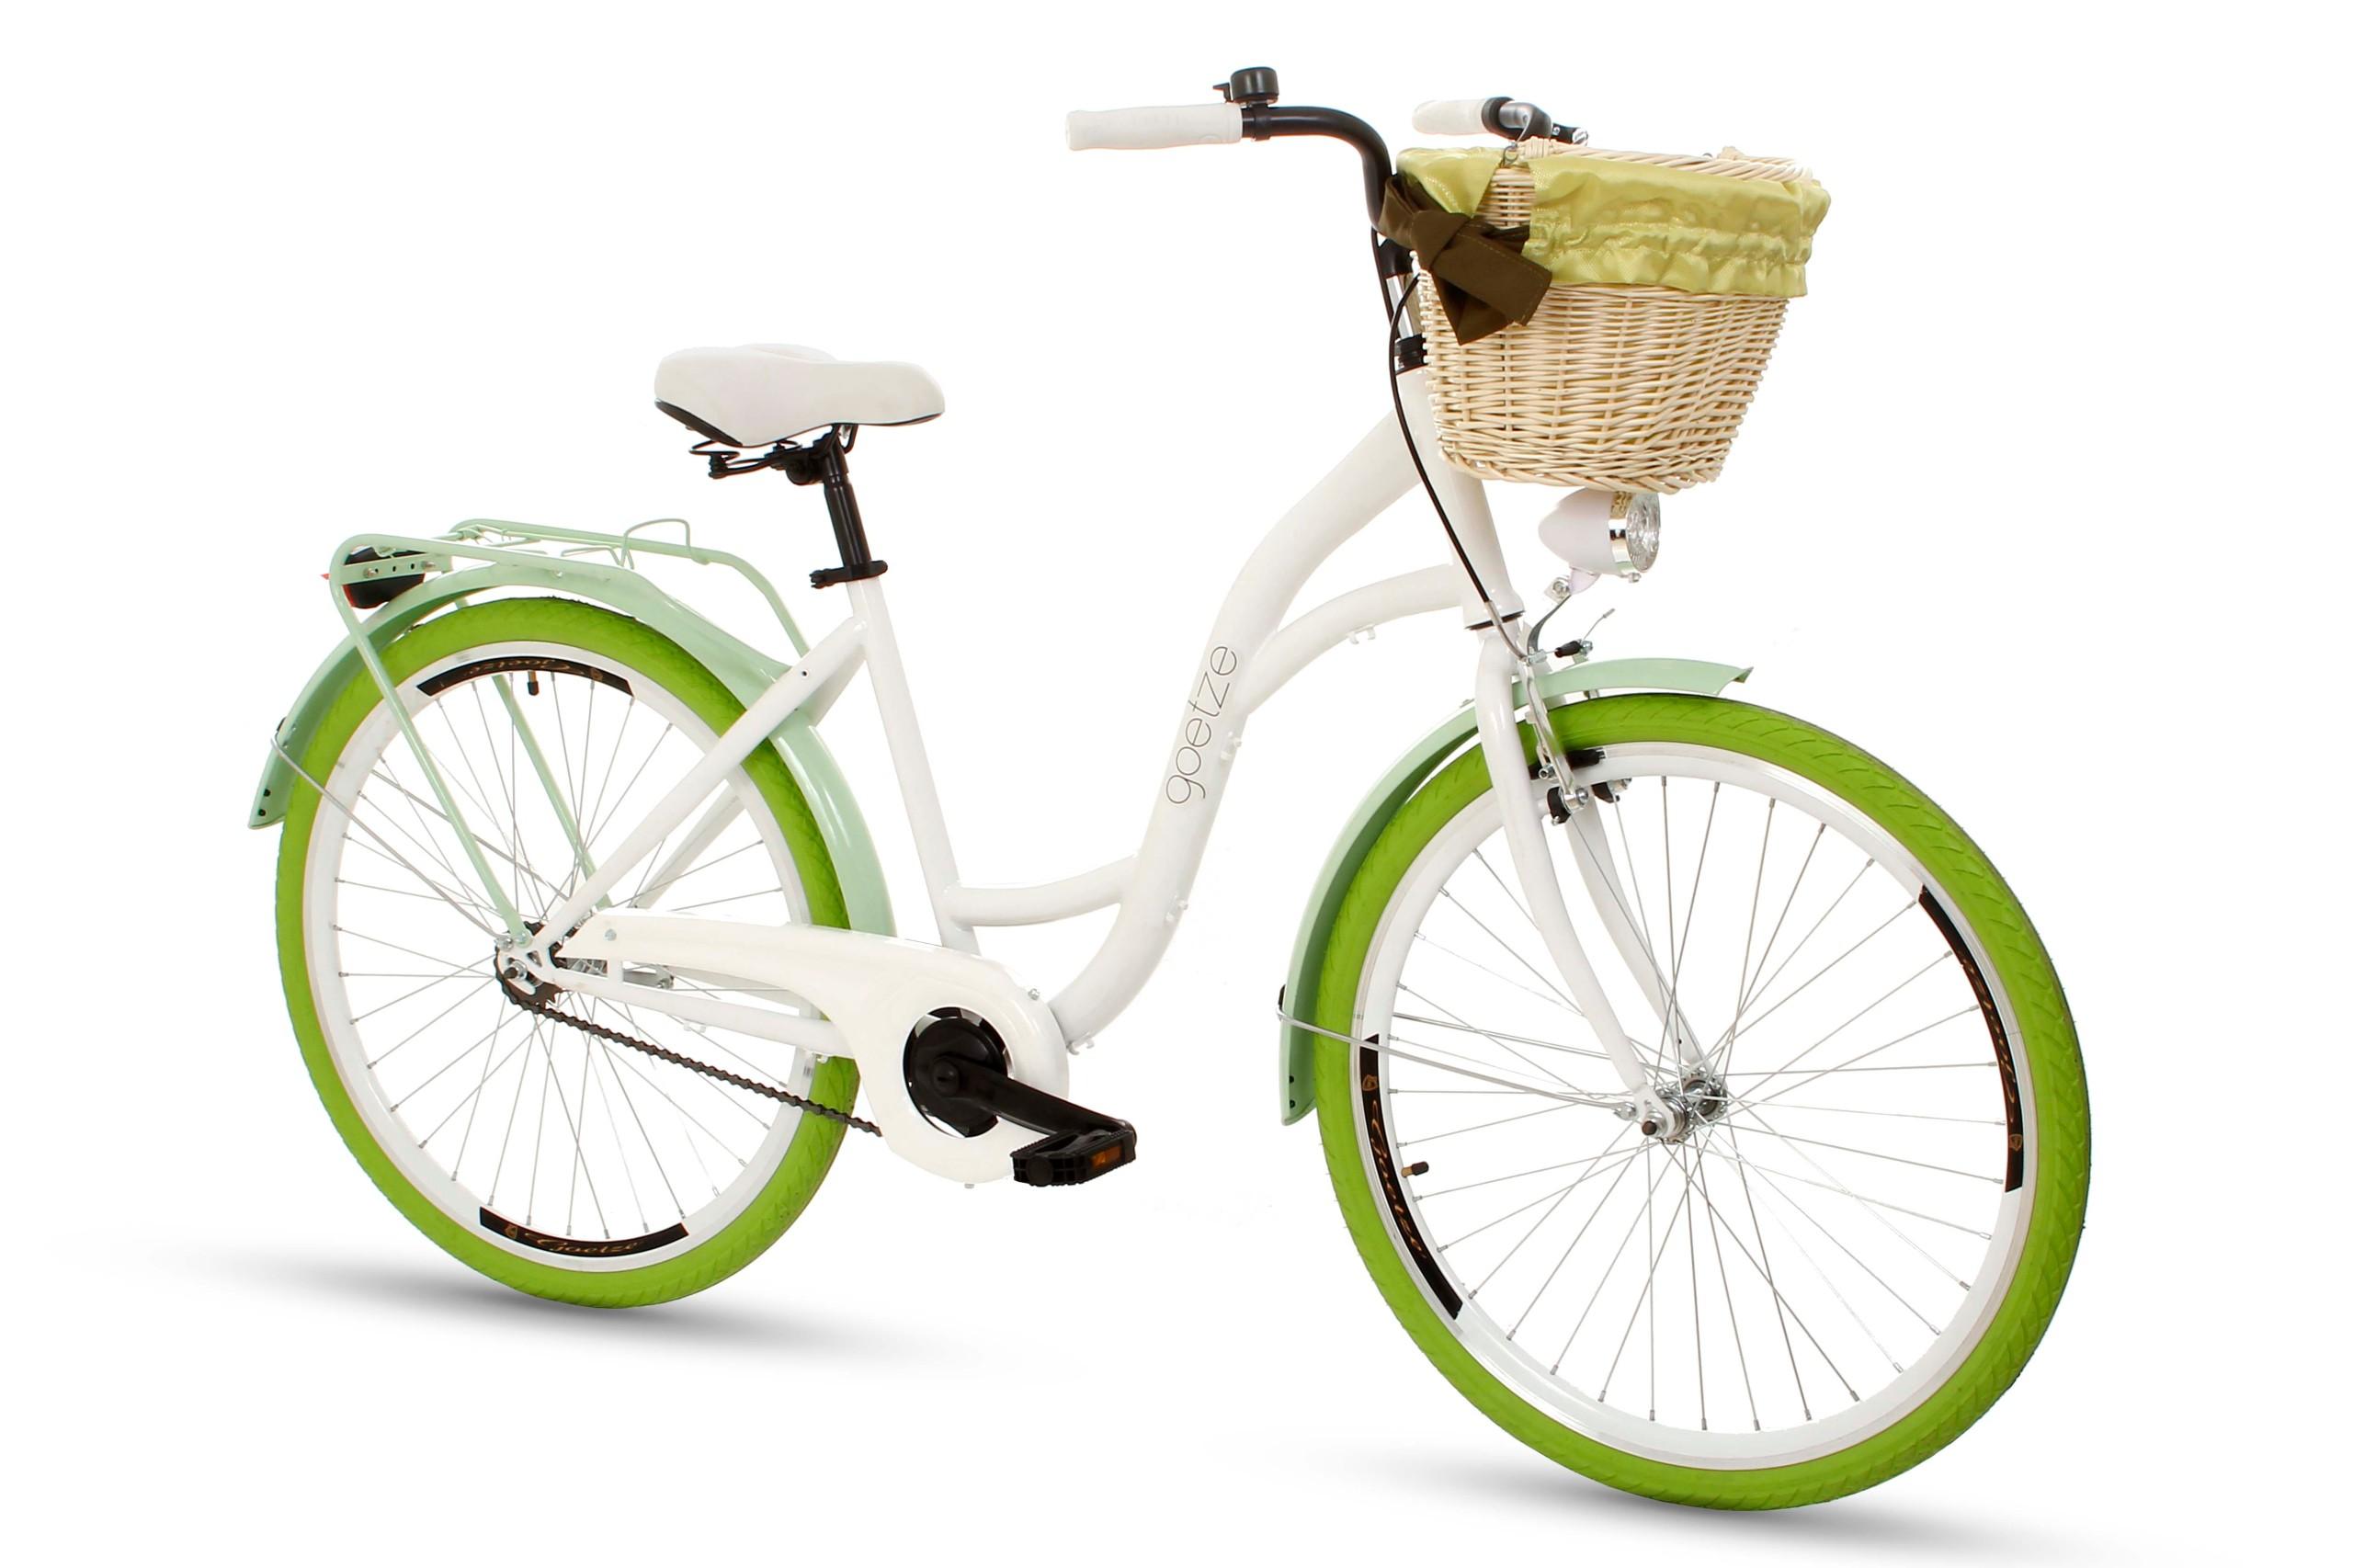 Dámsky mestský bicykel Goetze COLORS 26 košík!  Torpédové brzdy s brzdou v tvare V.